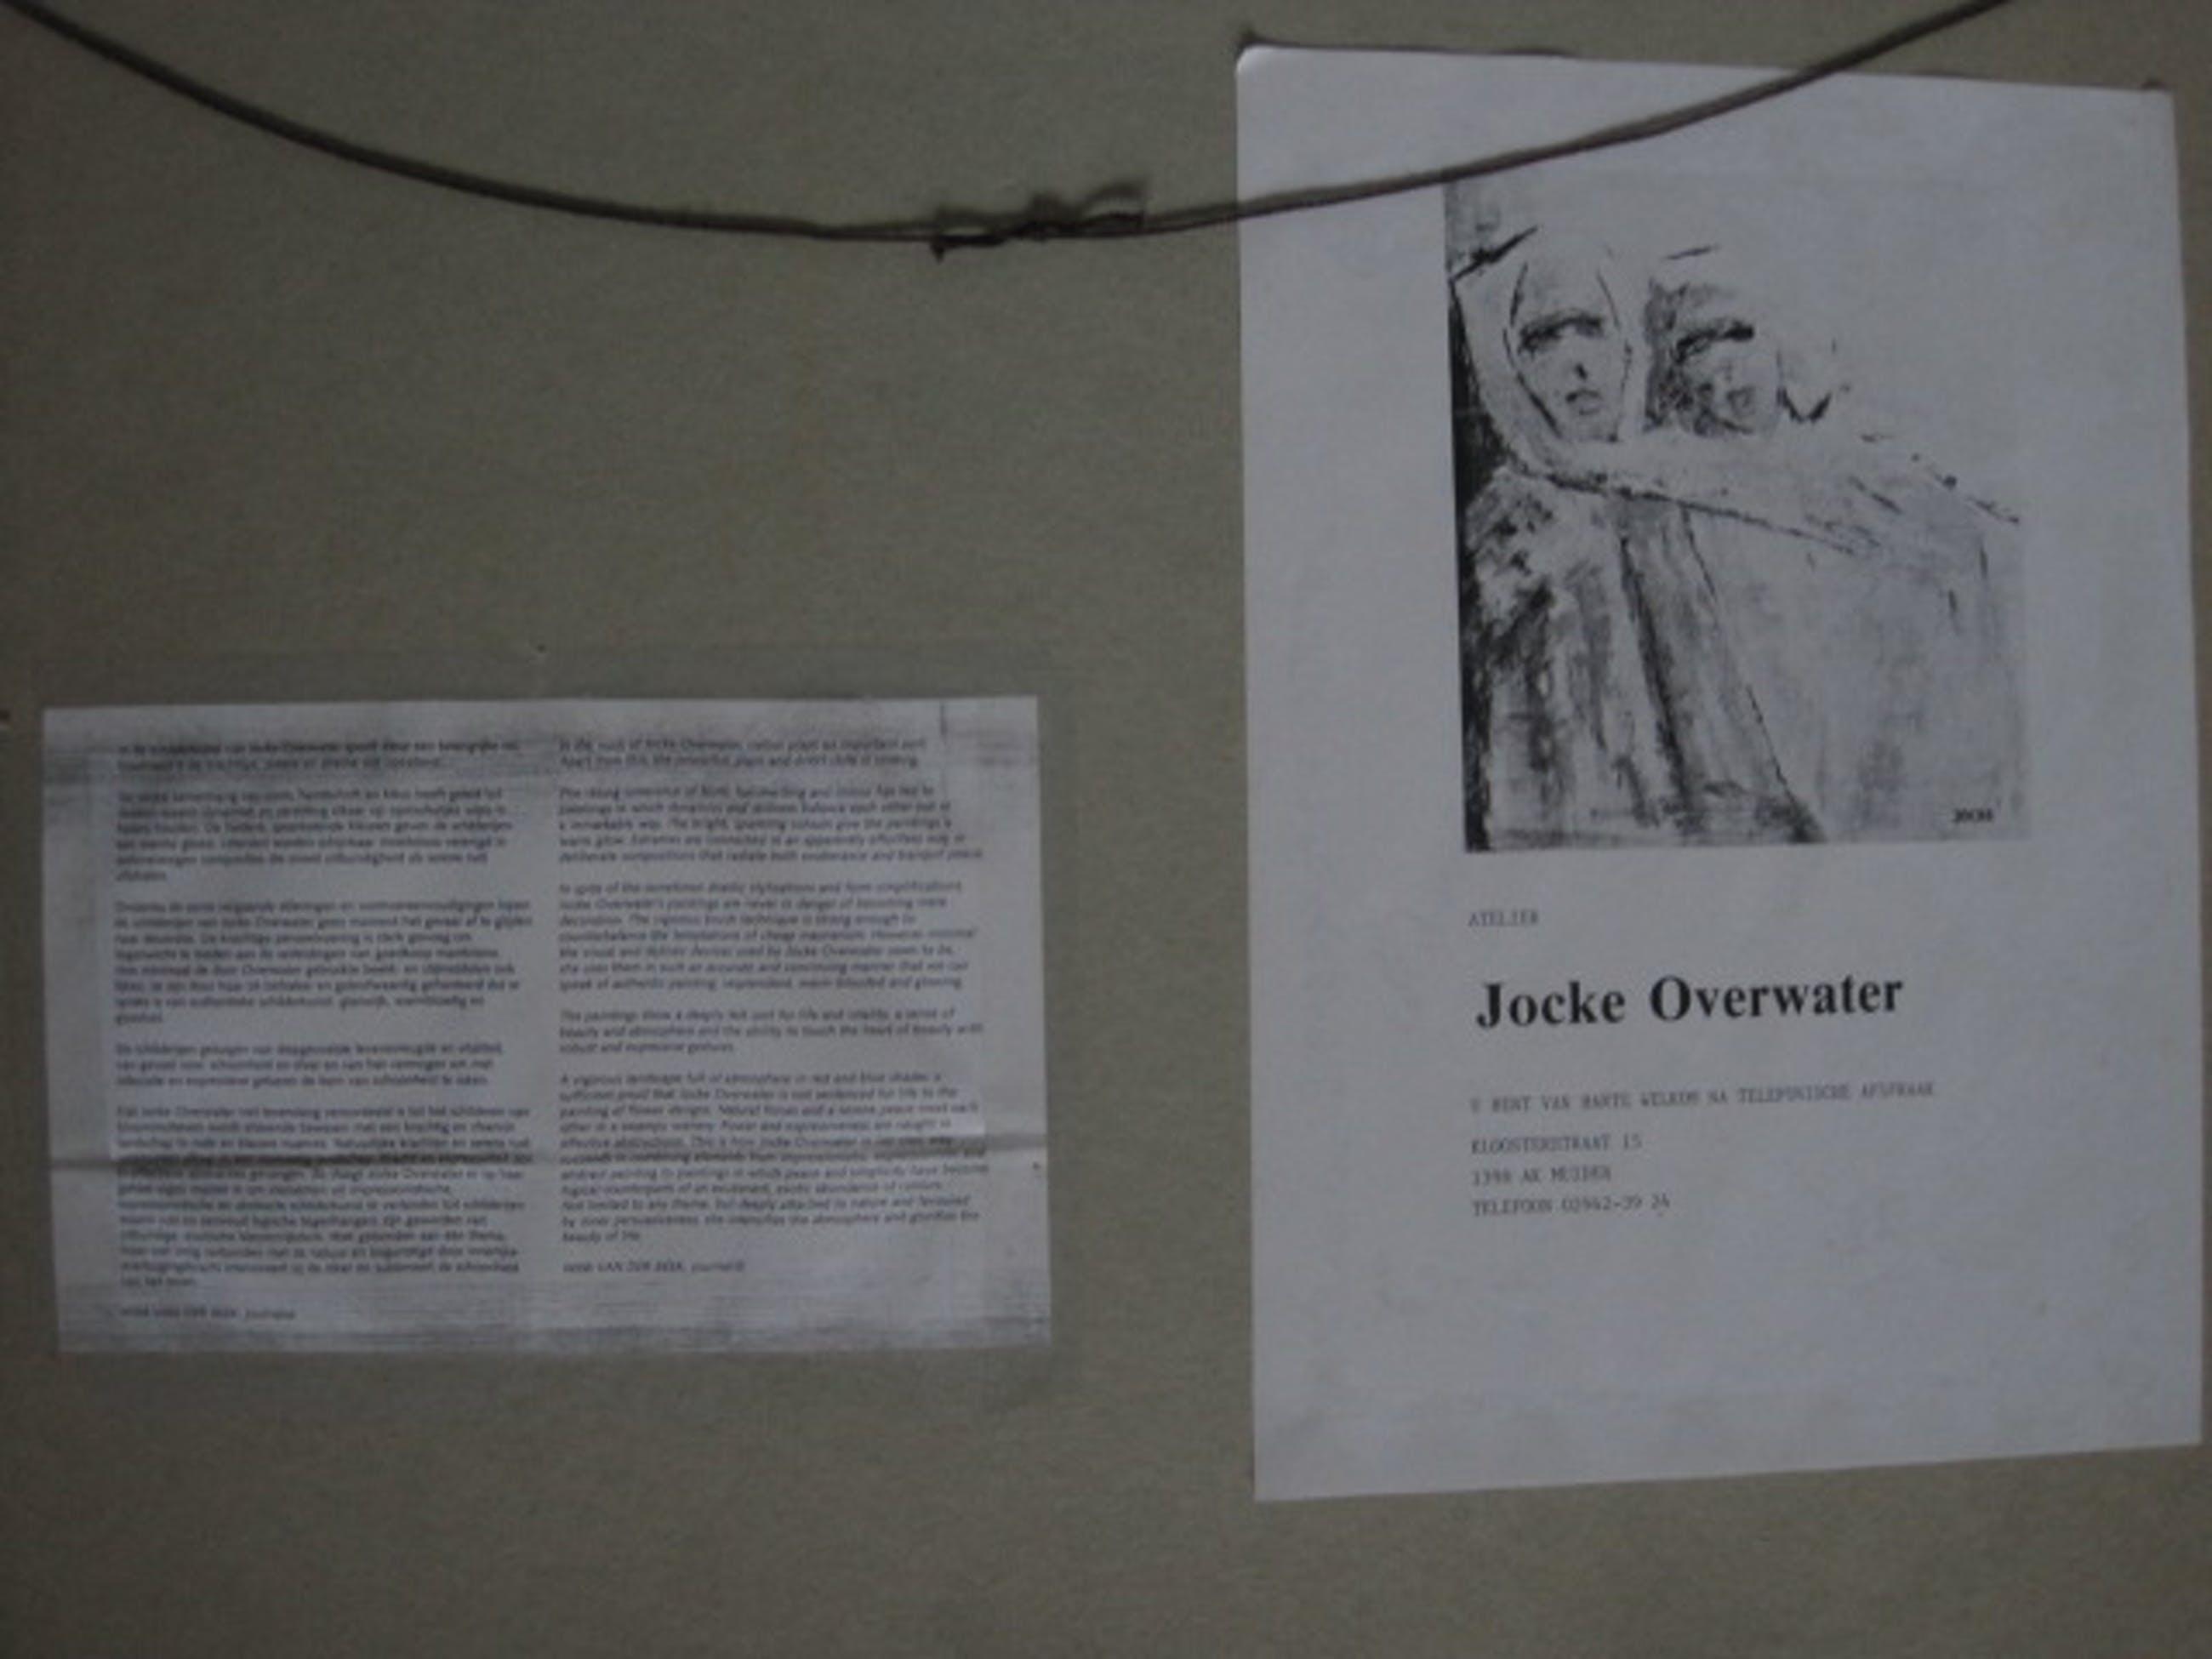 """Jocke Overwater - Fraai olieverf """"Lenteboeket in glazen vaas"""" gesigneerd kopen? Bied vanaf 40!"""